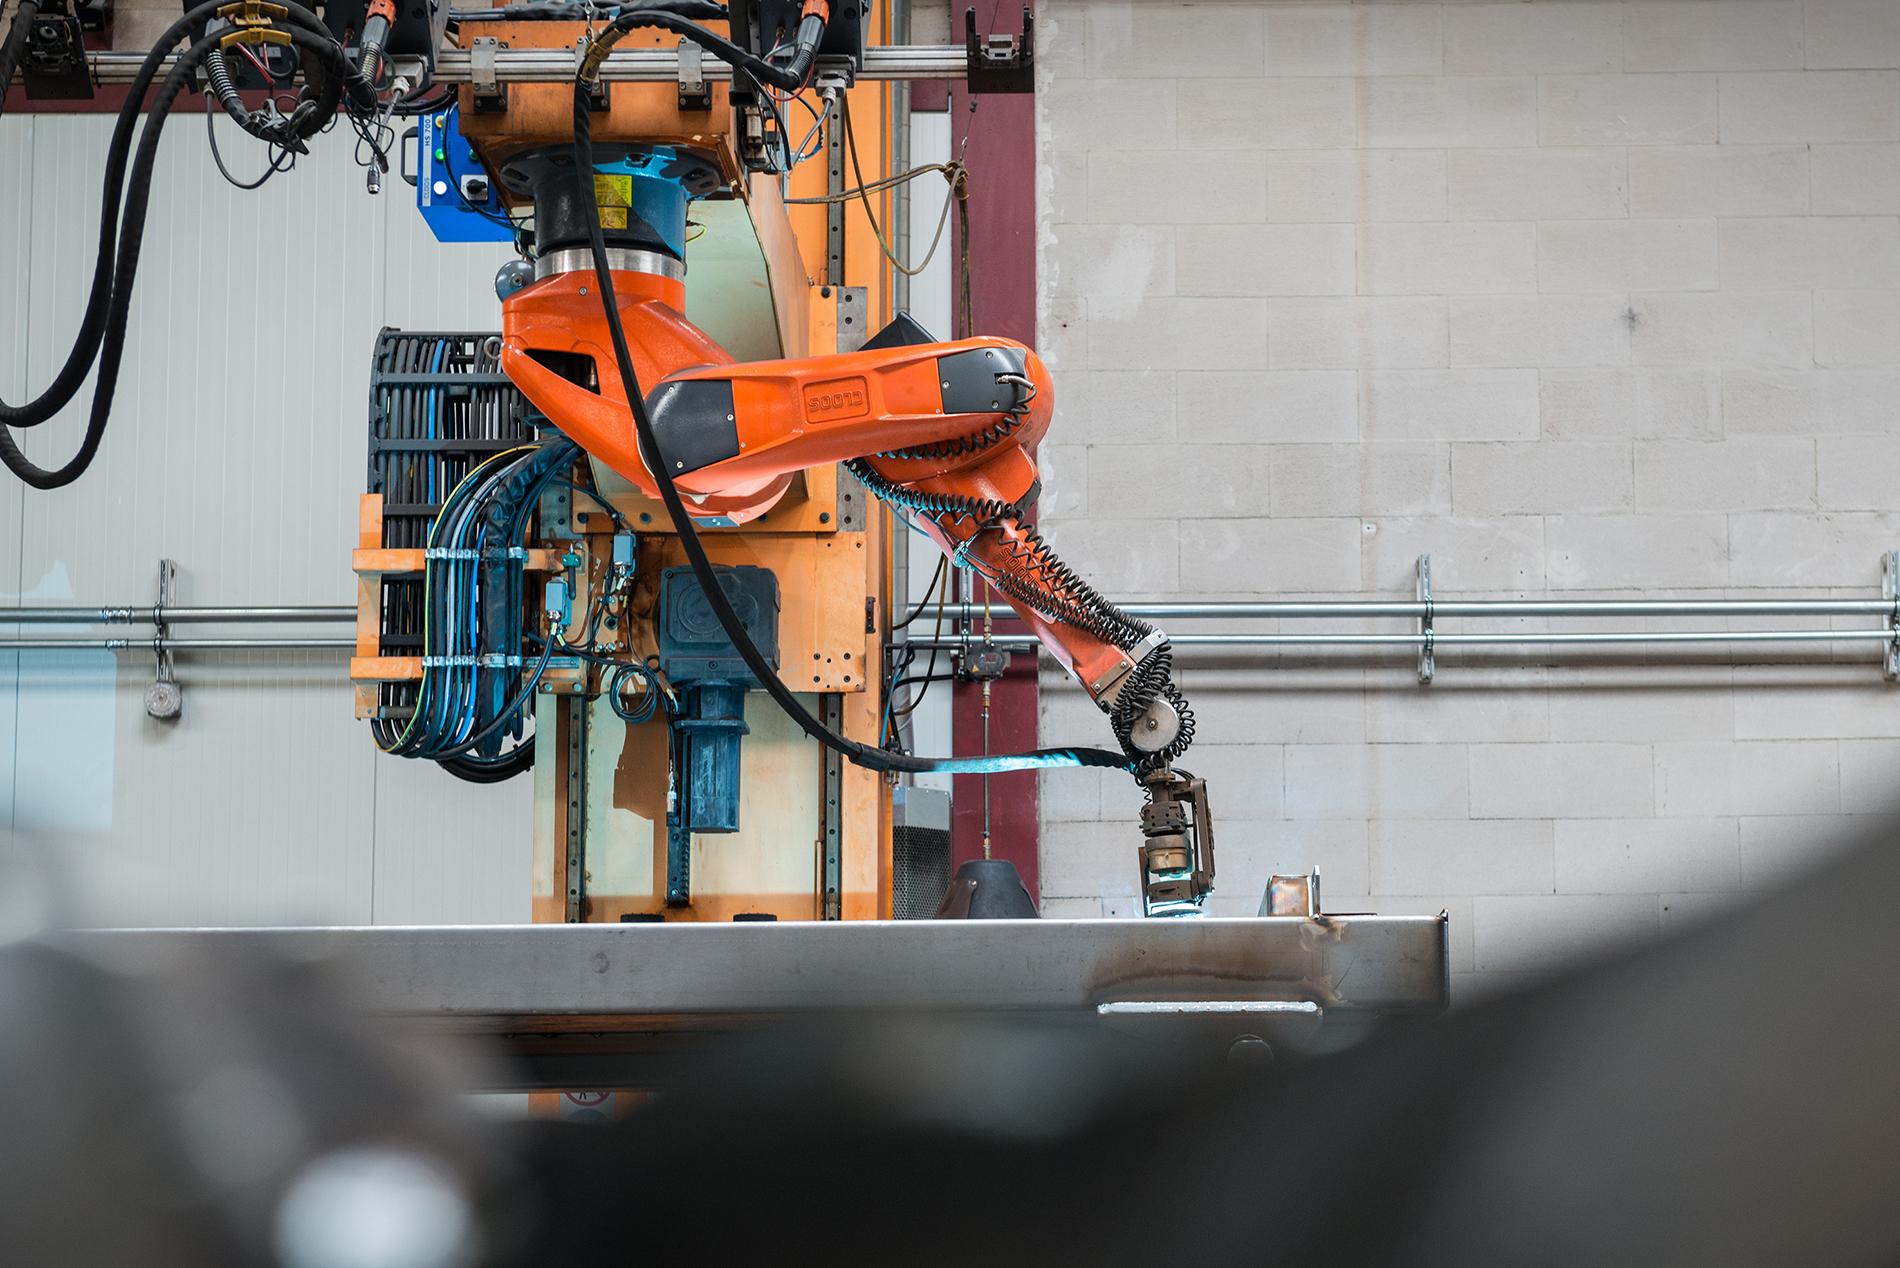 Robot Welding Delwi Groenink